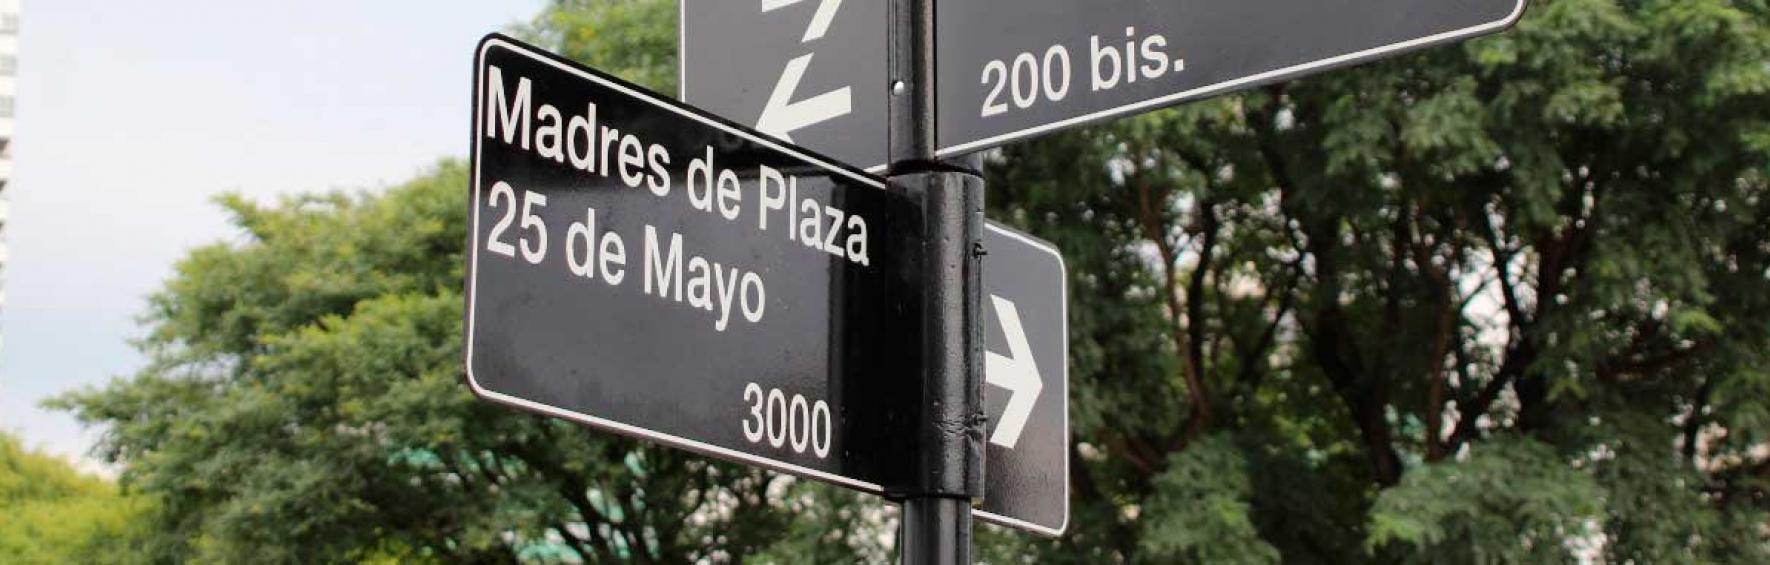 Calle Madres de plaza 25 de mayo